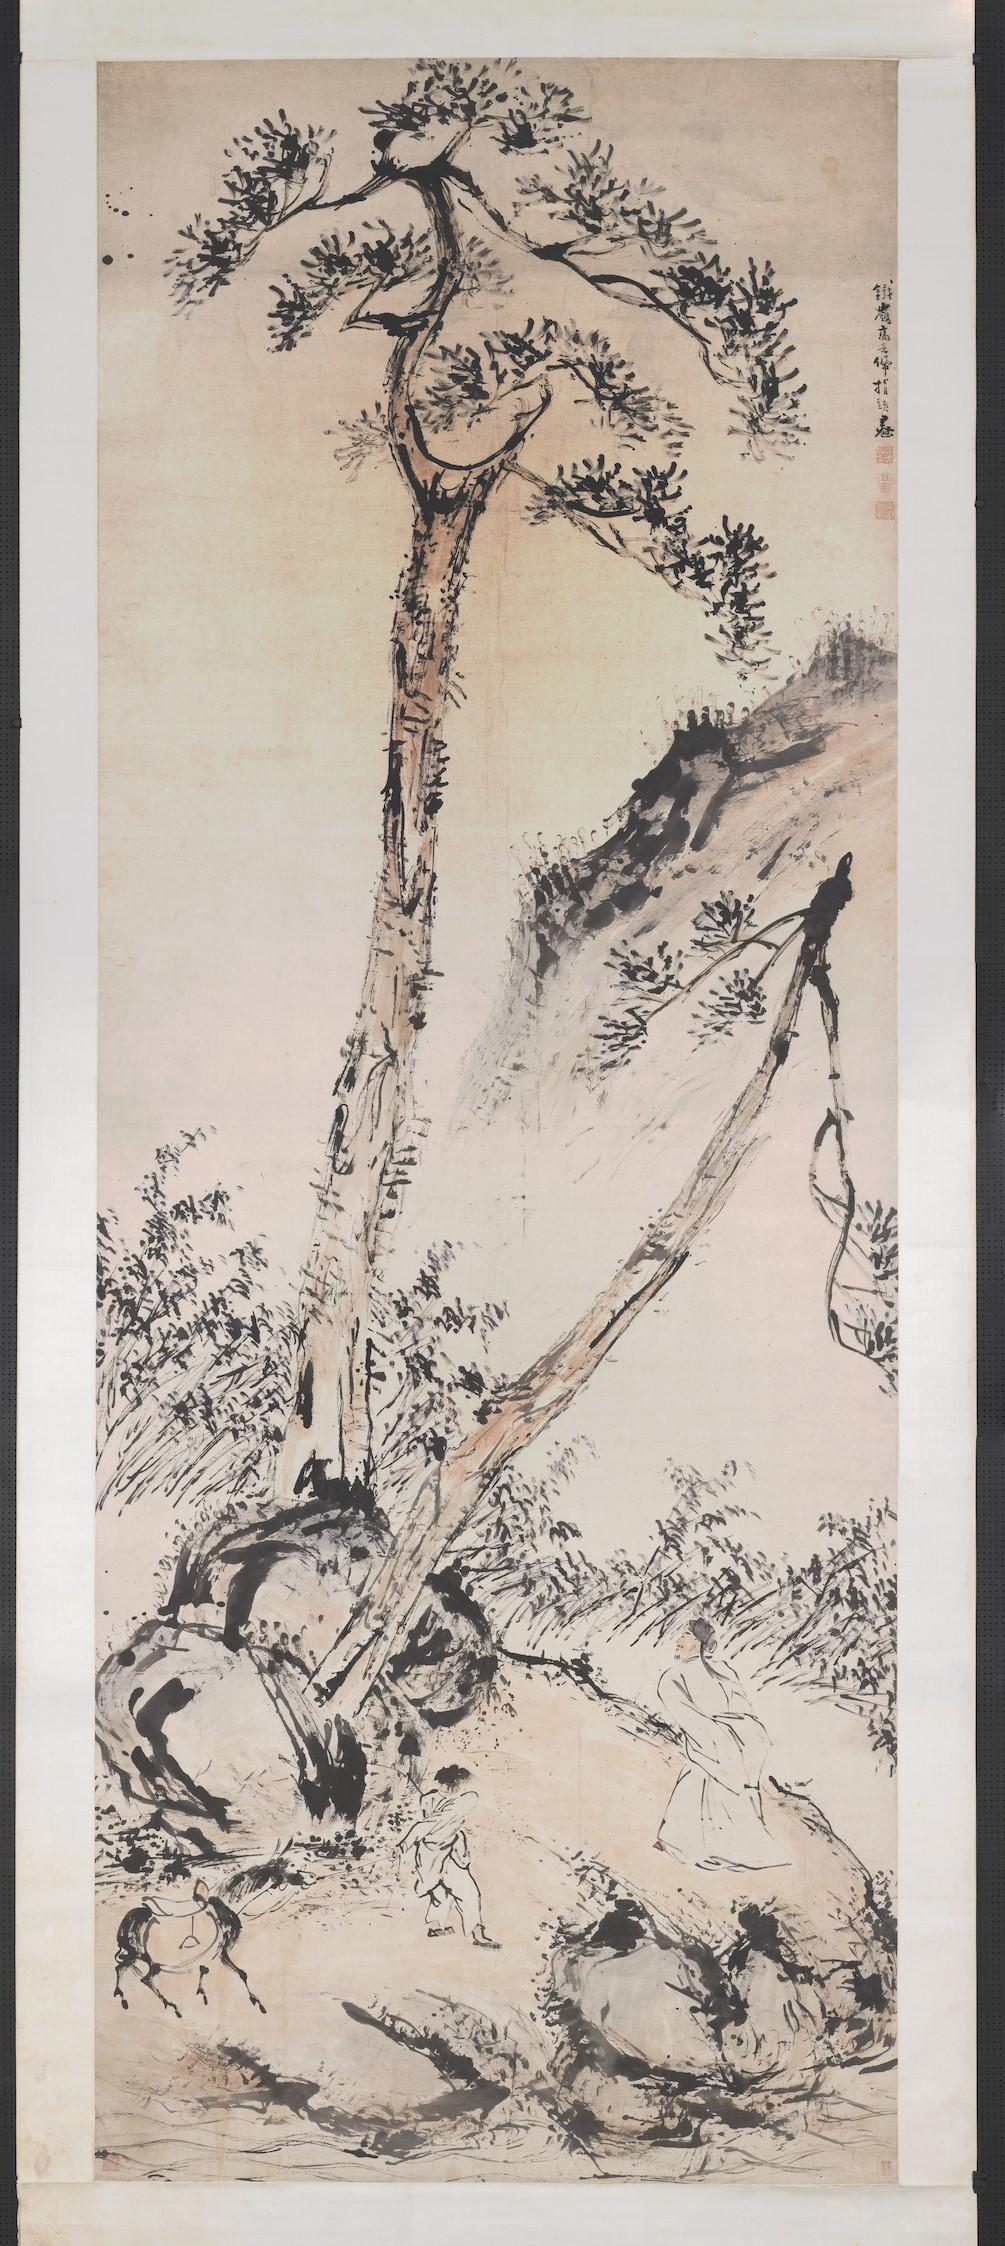 清 高其佩《松荫牧马》台北故宫博物院藏